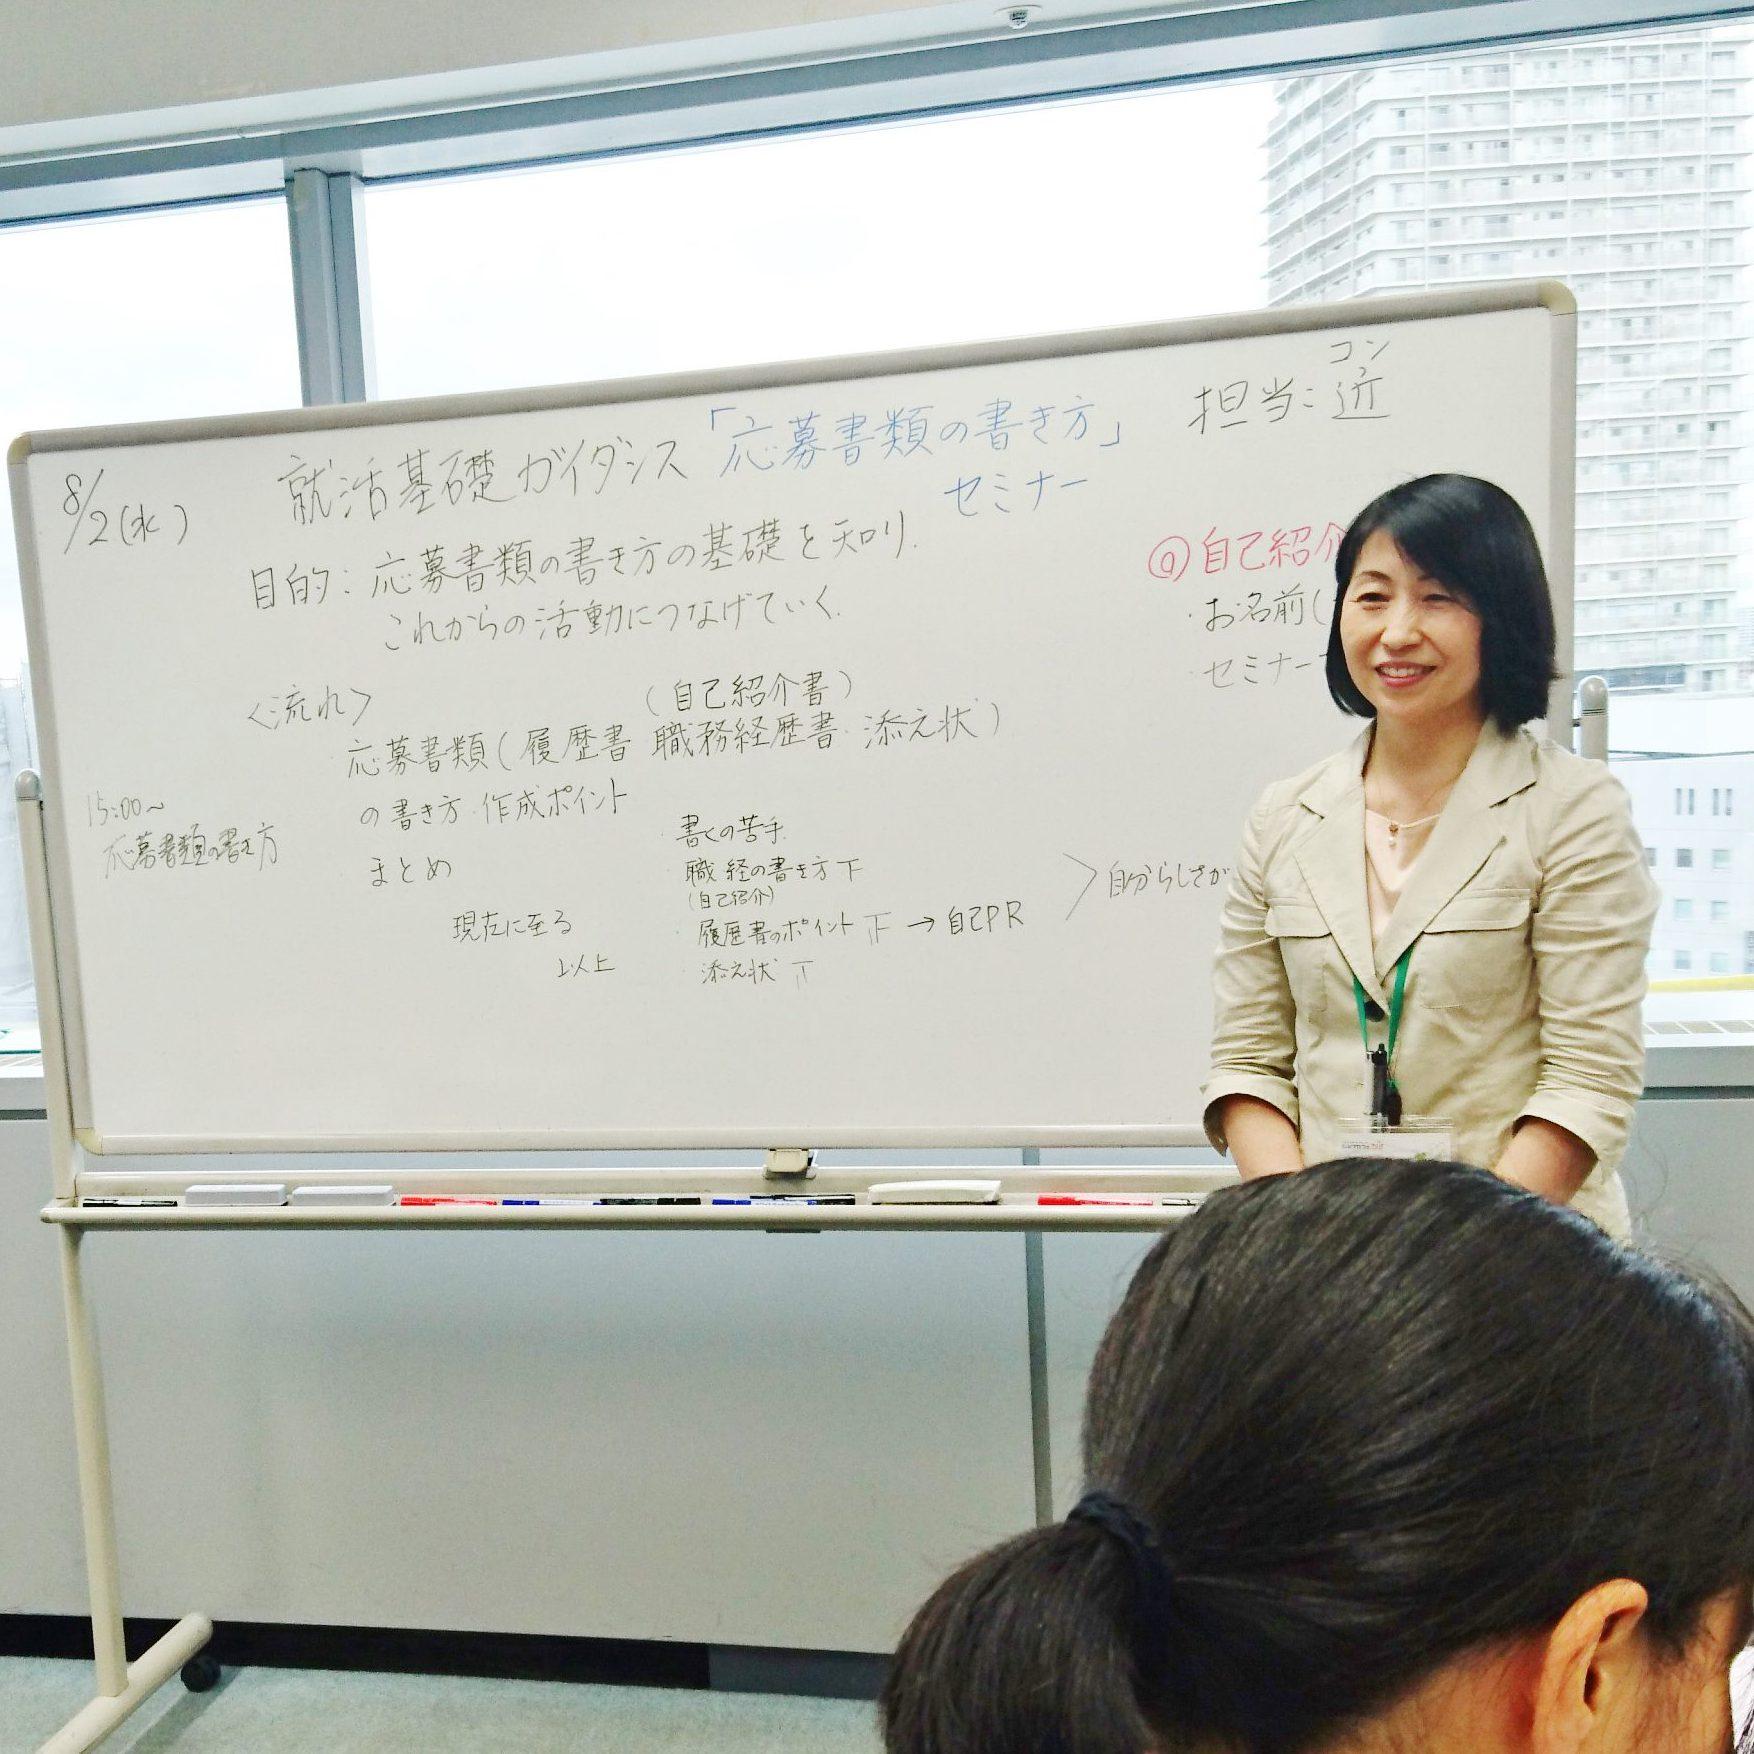 就活基礎ガイダンス【自己PRの書き方セミナー】1時間